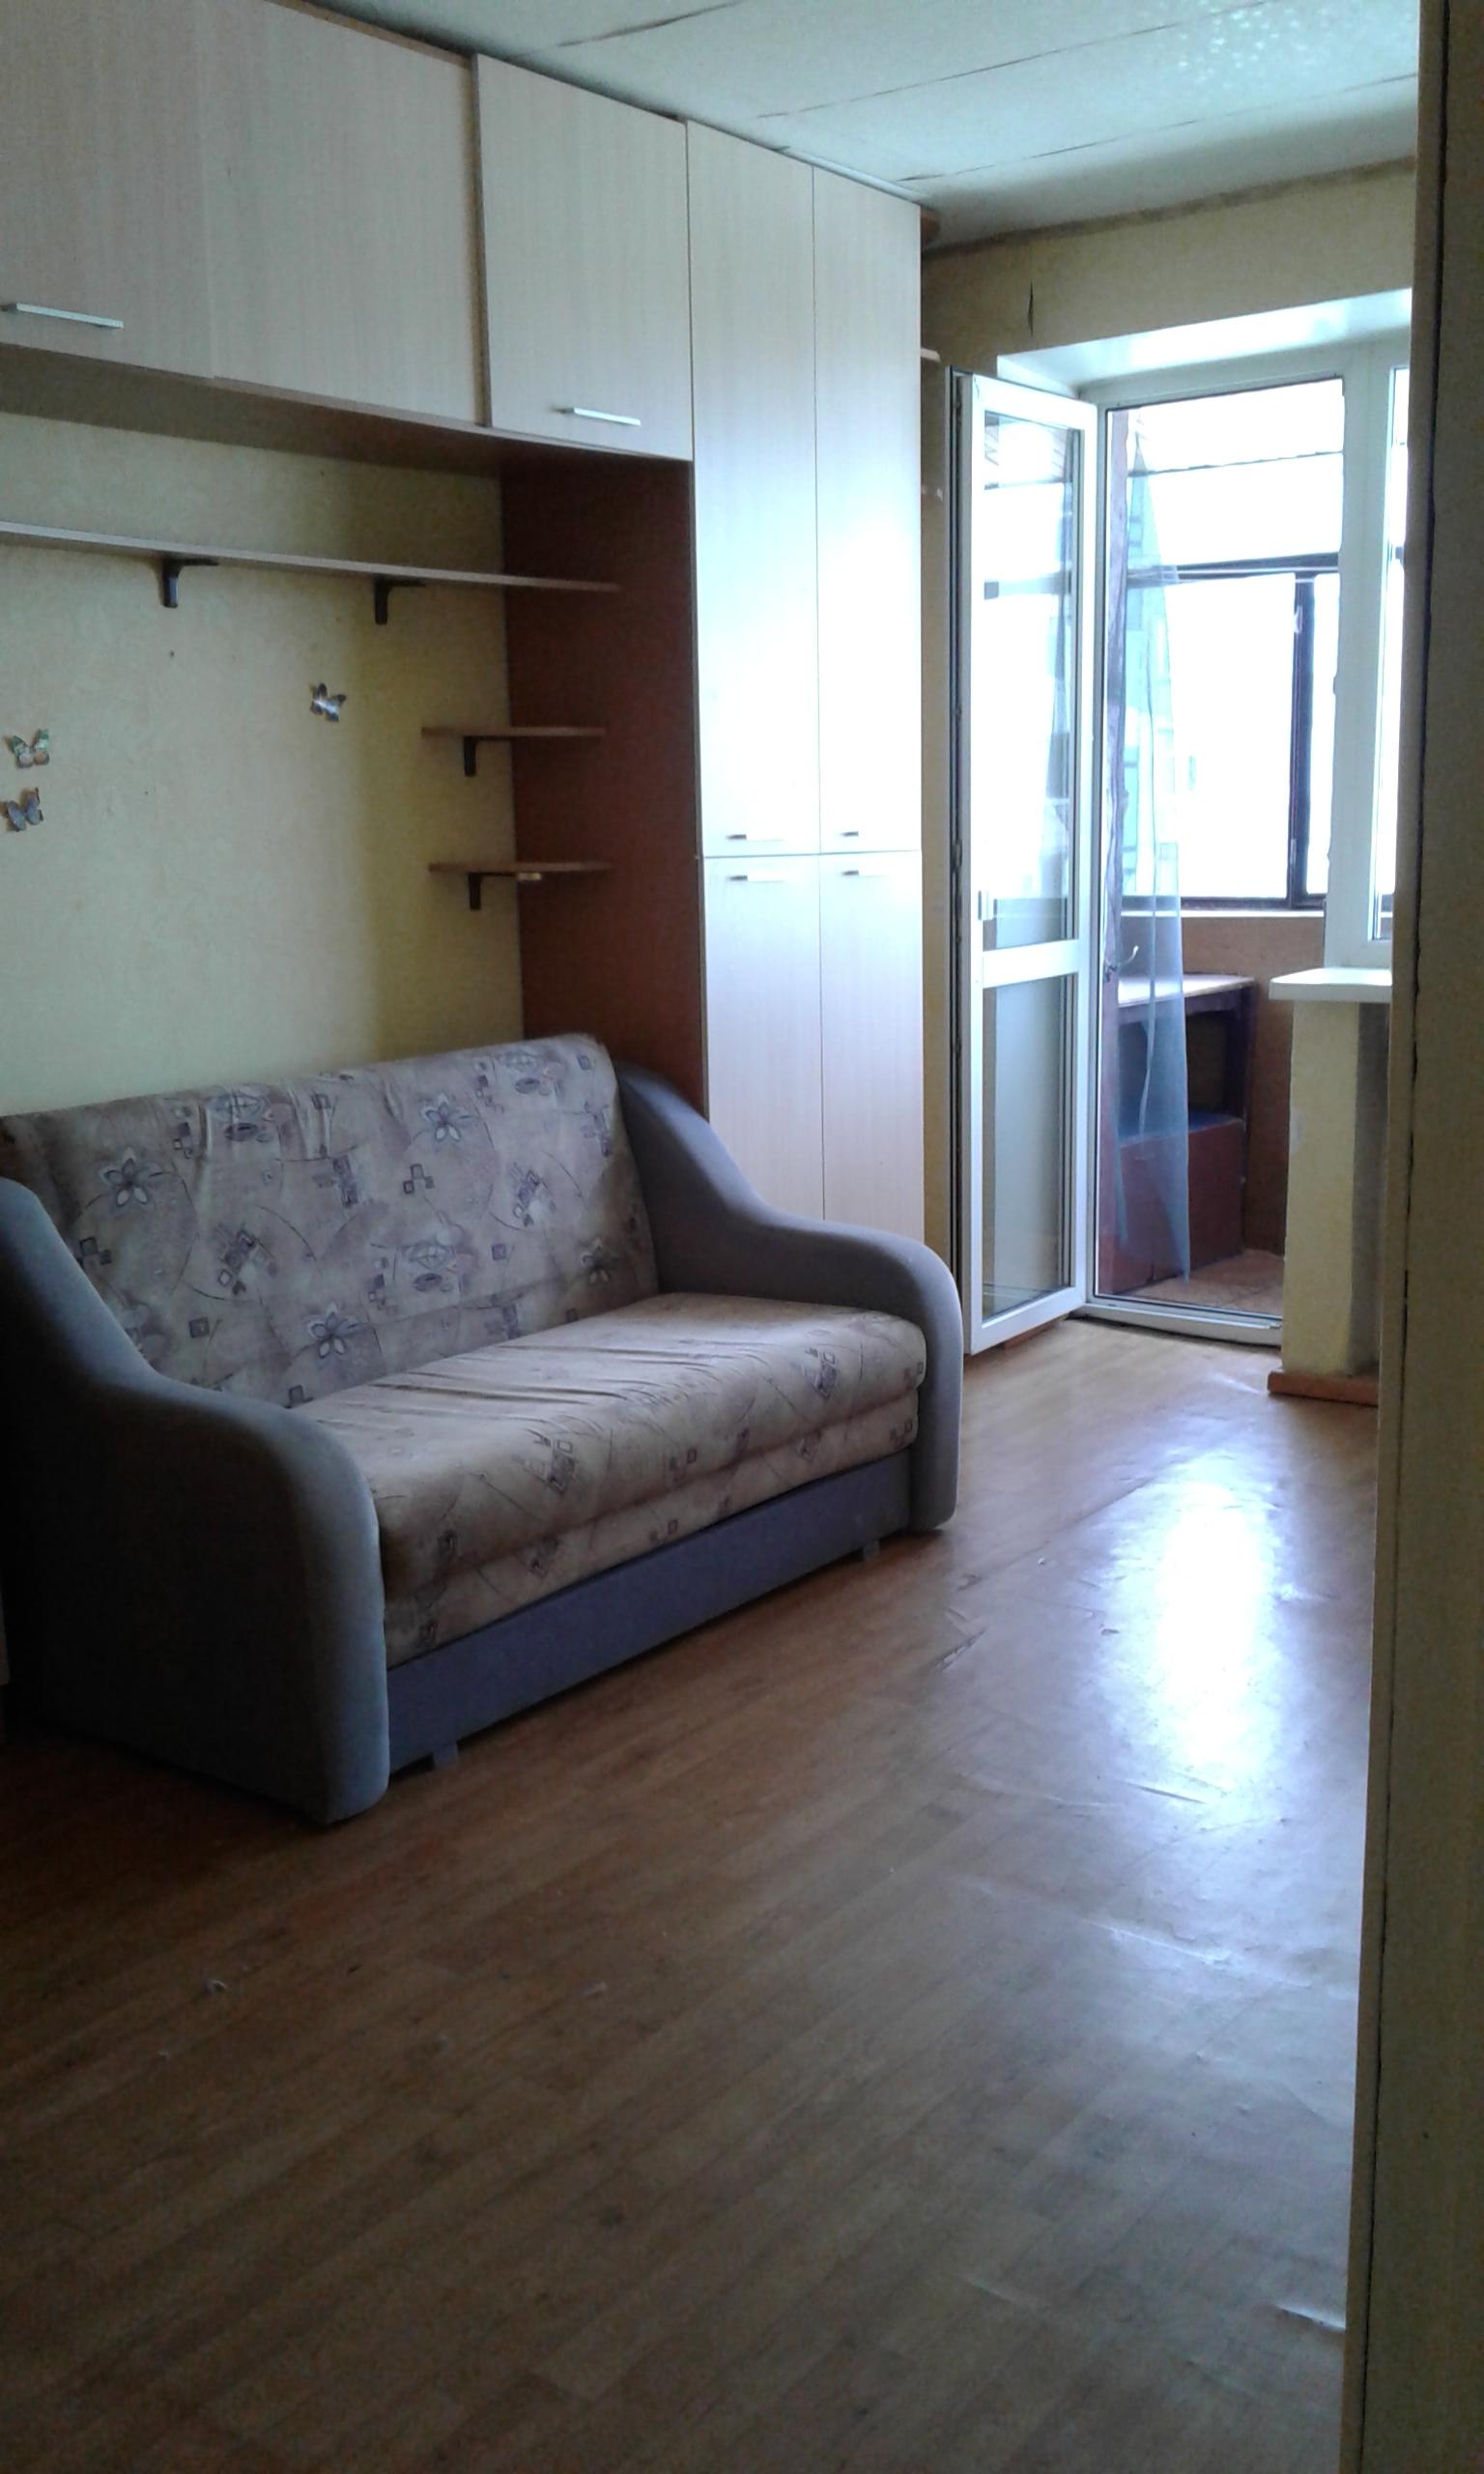 Продам 1-комнатную квартру в Приднепровске по ул. Космонавтов.